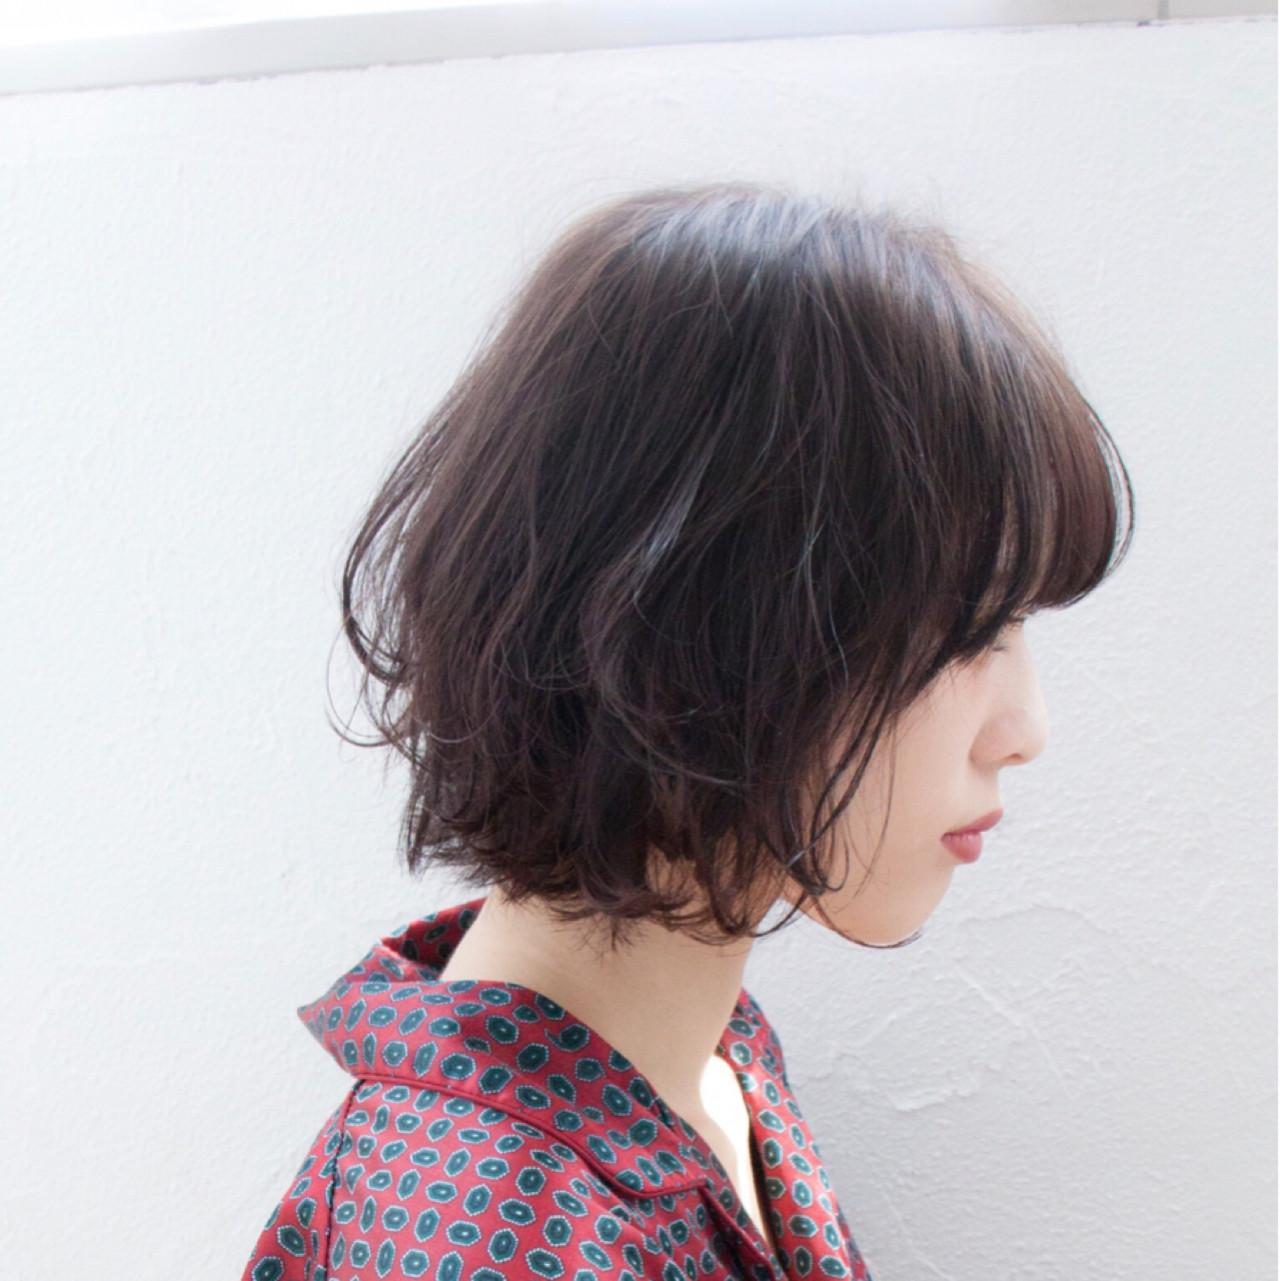 フリンジバング ボブ アッシュ ガーリー ヘアスタイルや髪型の写真・画像 | 伊藤 大樹 / Lufeli